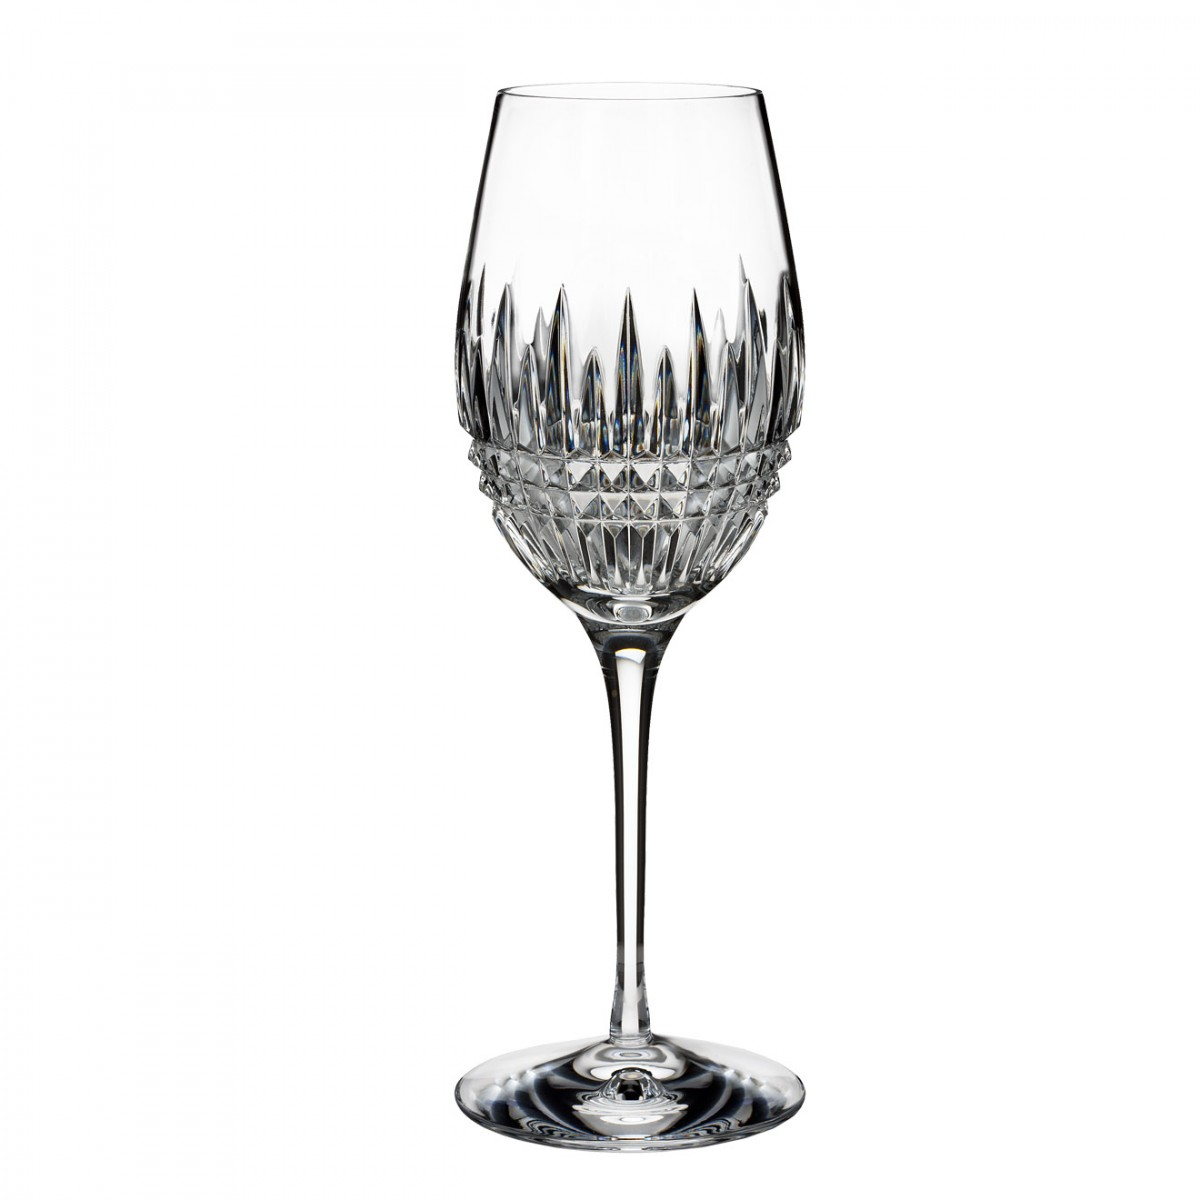 Waterford Crystal, Lismore Diamond Essence Crystal Wine, Single